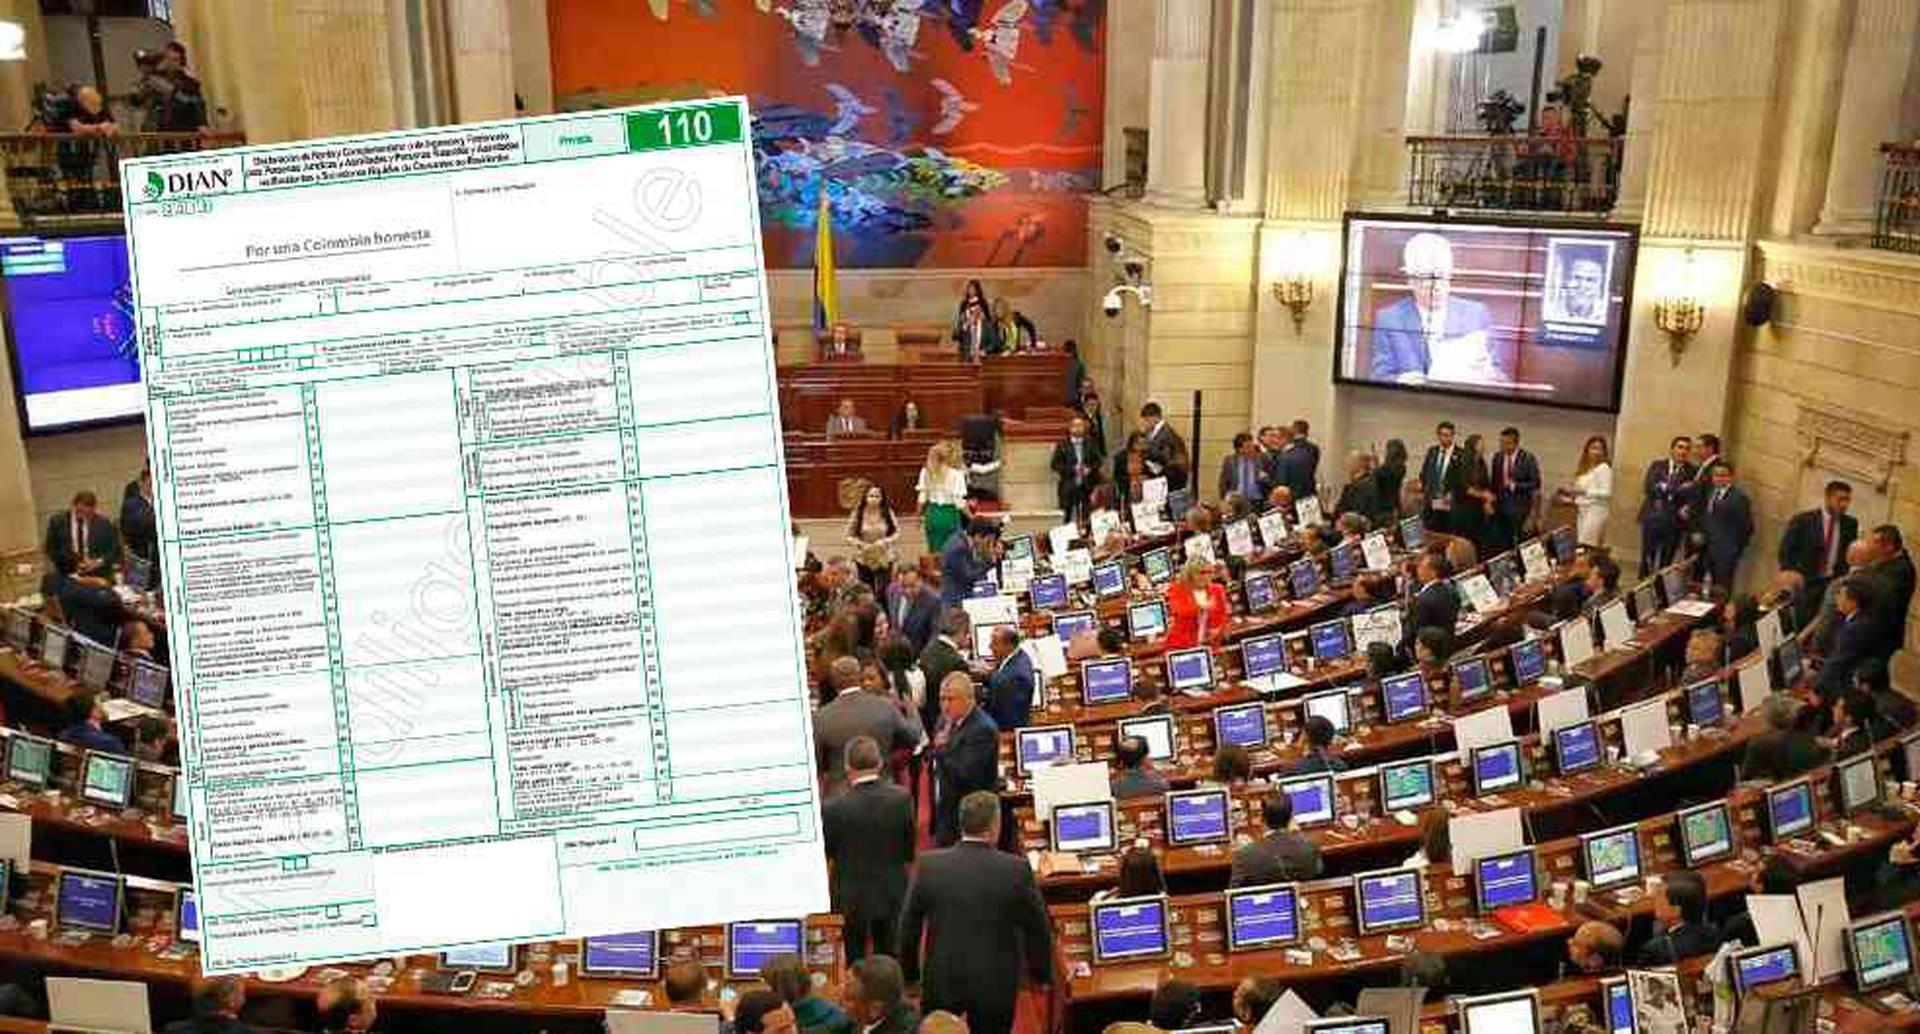 Los congresistas, por ejemplo, deberán publicar datos como los ingresos y rentas que obtuvieron en el último año gravable, especificando solamente concepto y valor.